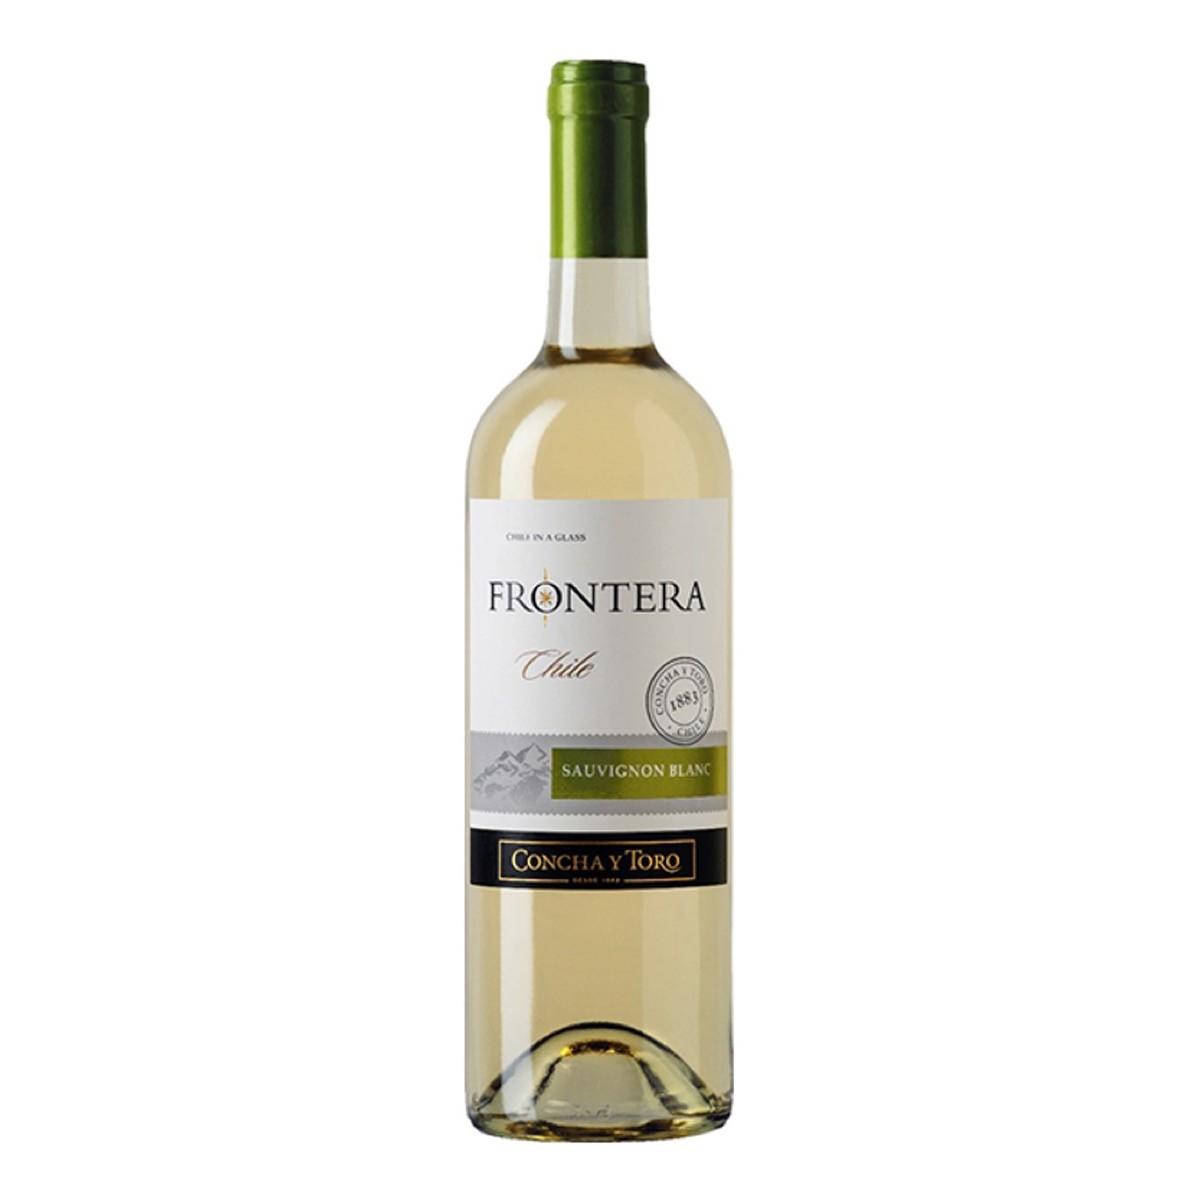 Concha Y Toro Frontera Sauvignon Blanc 2020